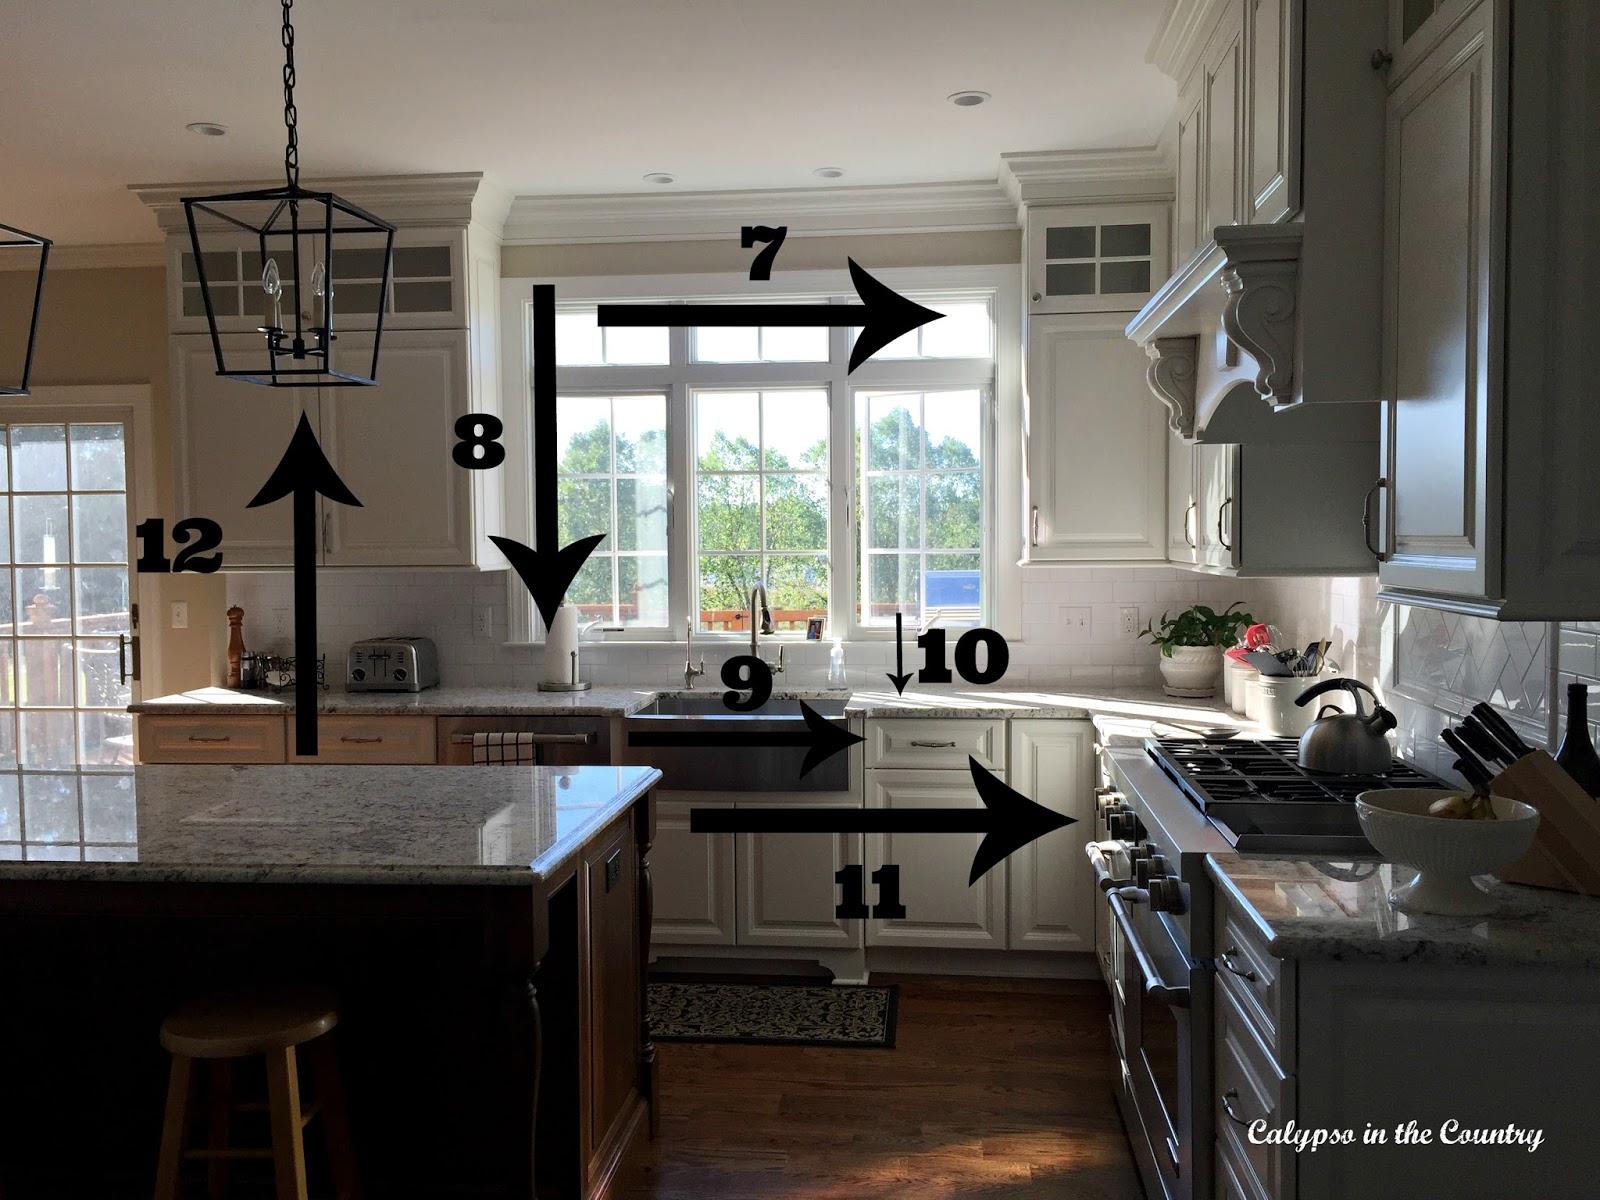 Kitchen Measurements after remodel